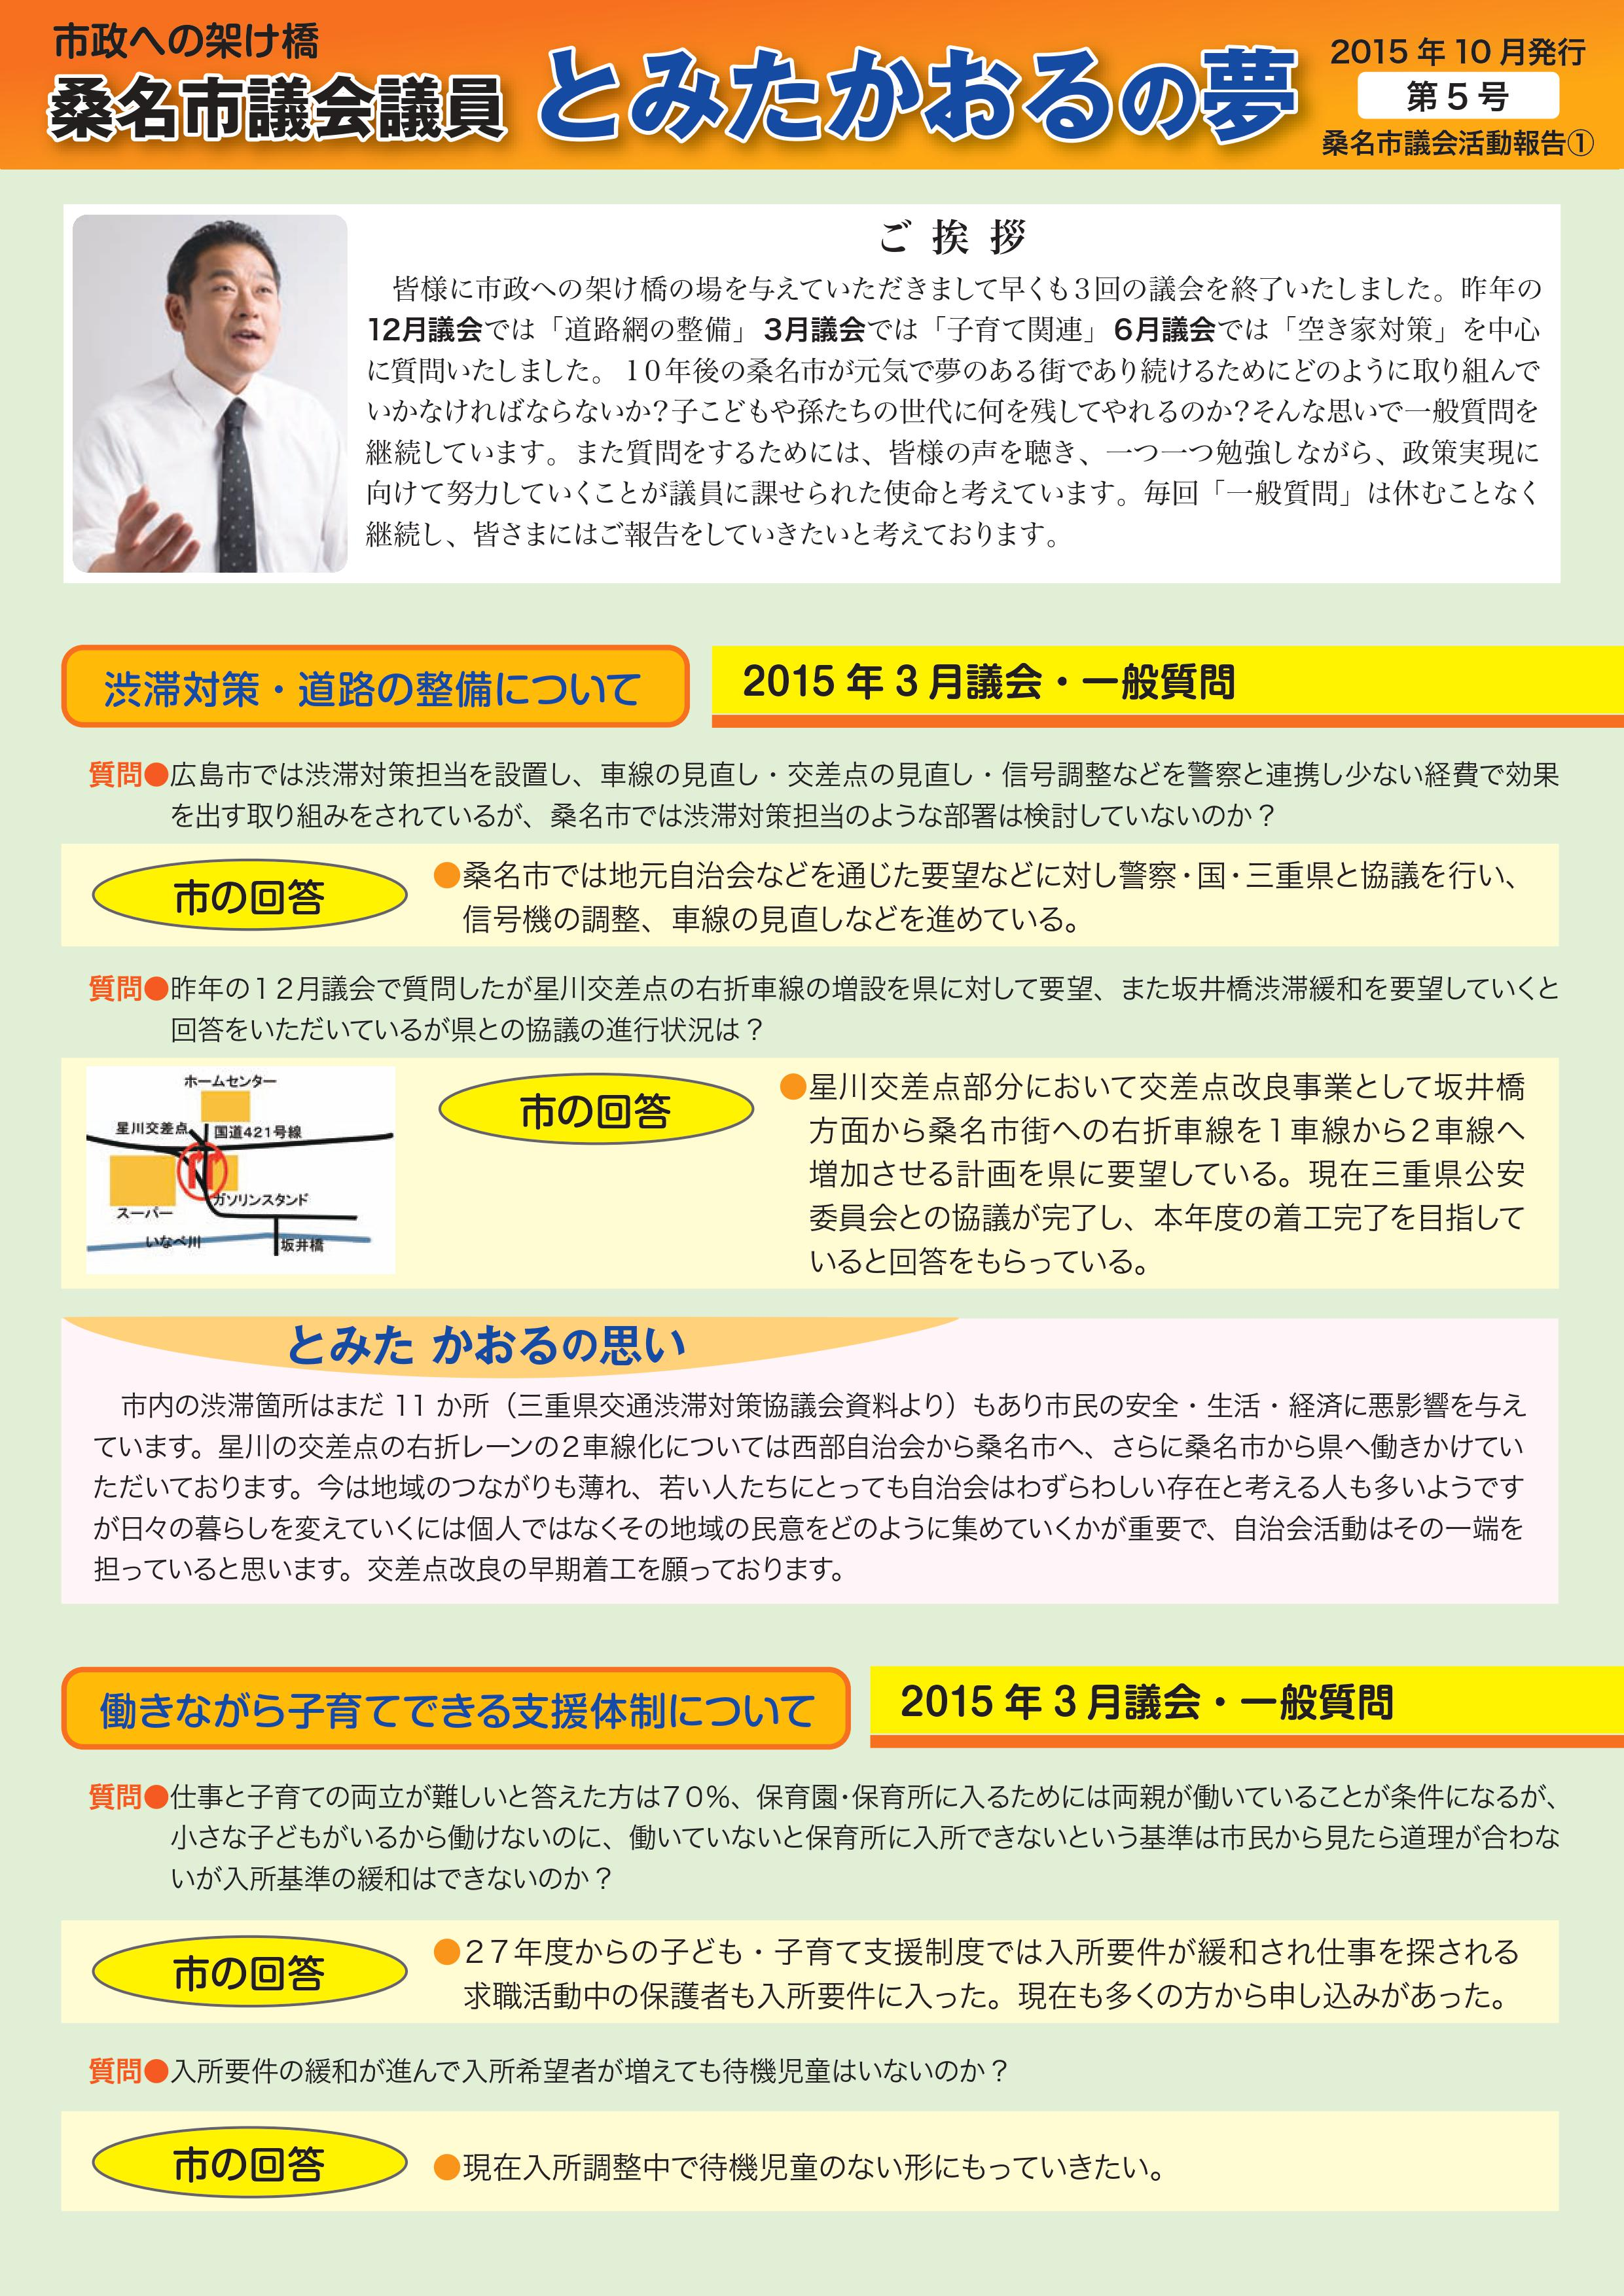 活動報告5号表jpg